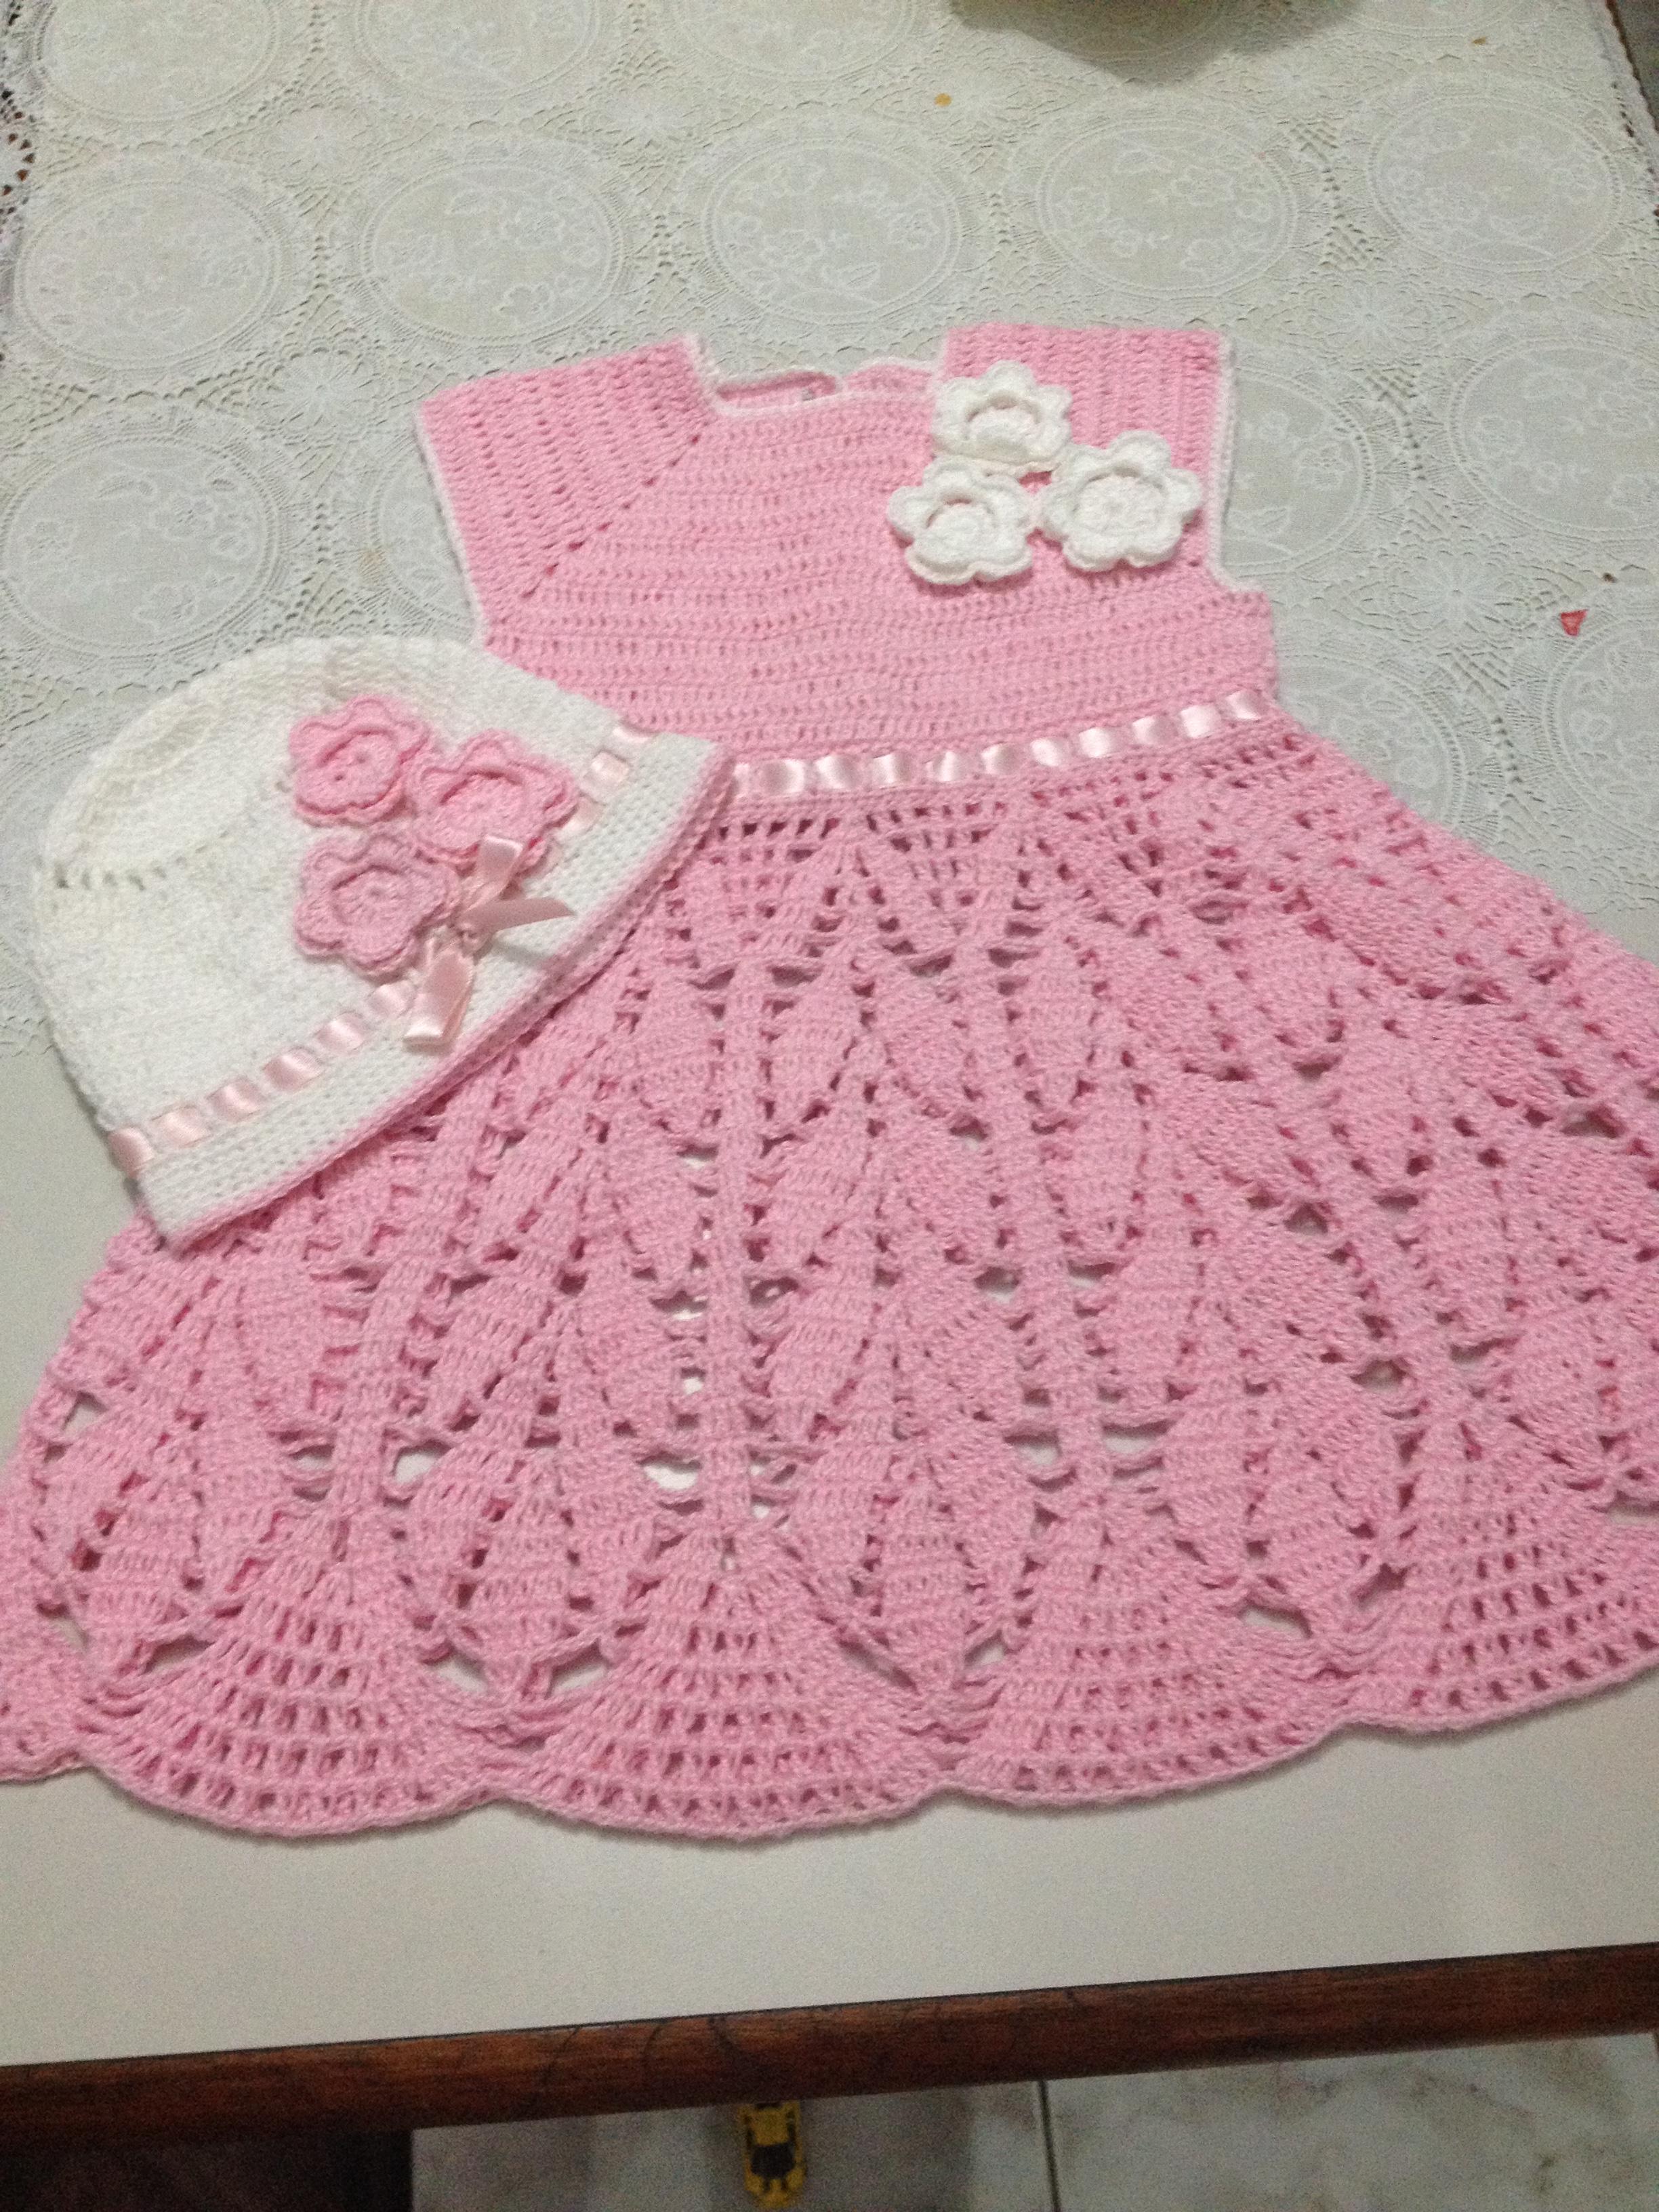 Vestido Infantil - Coleção de ARTESANATO FLOR DE LIS ( artesanatoflordelis)   46850655625